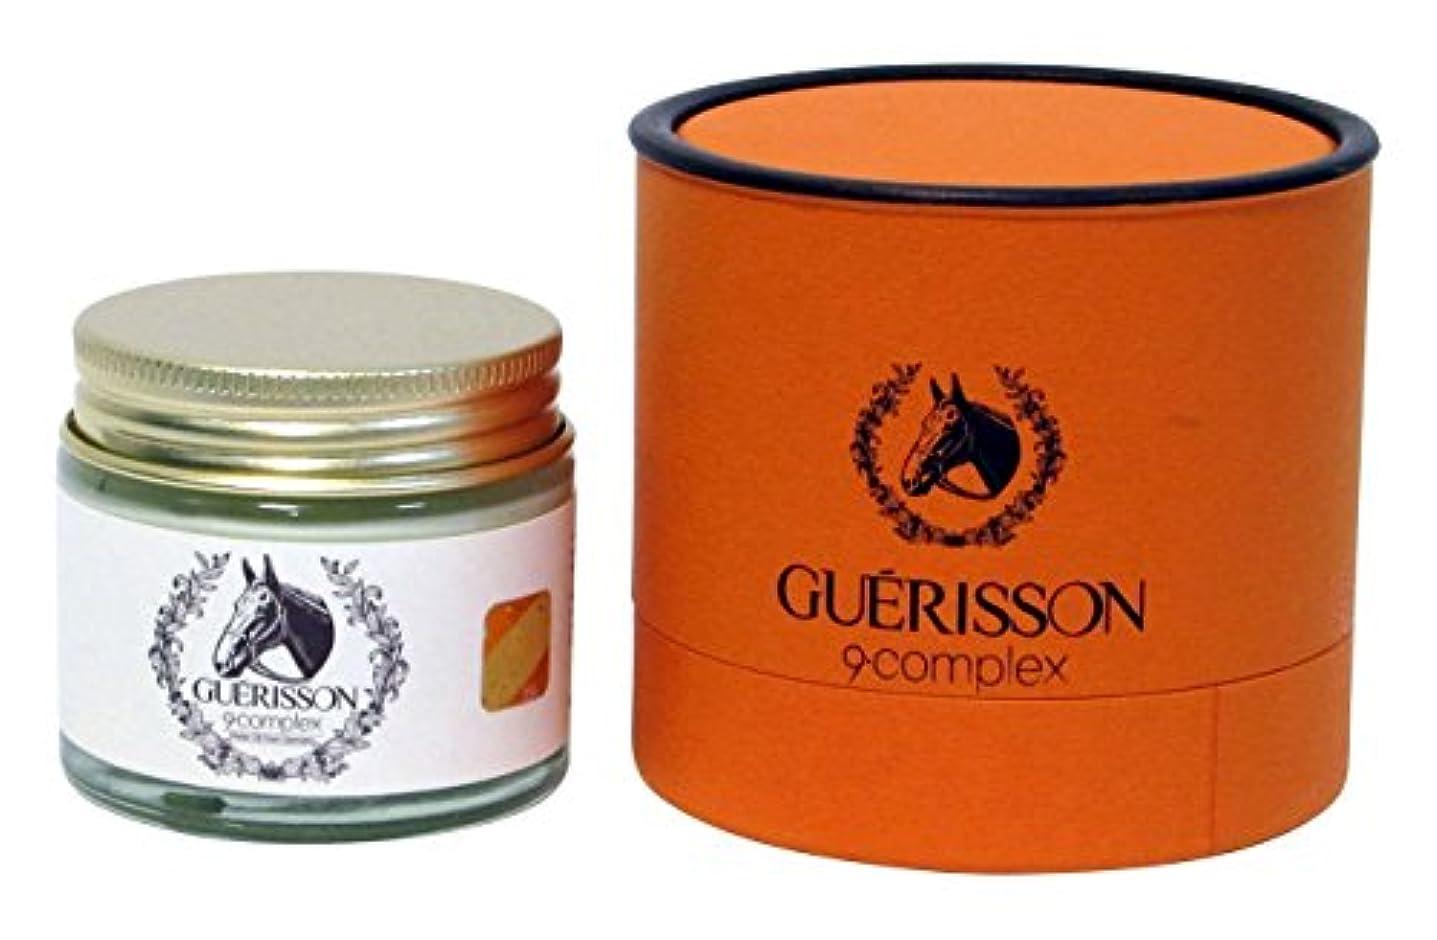 支配的分布処方[3EA] GUERISSON ゲリソン 9?complex 馬油クリーム (9 Complex Moisturizing Scar Cream Horse Oil Wrinkle Care) 70g*3 [並行輸入品]